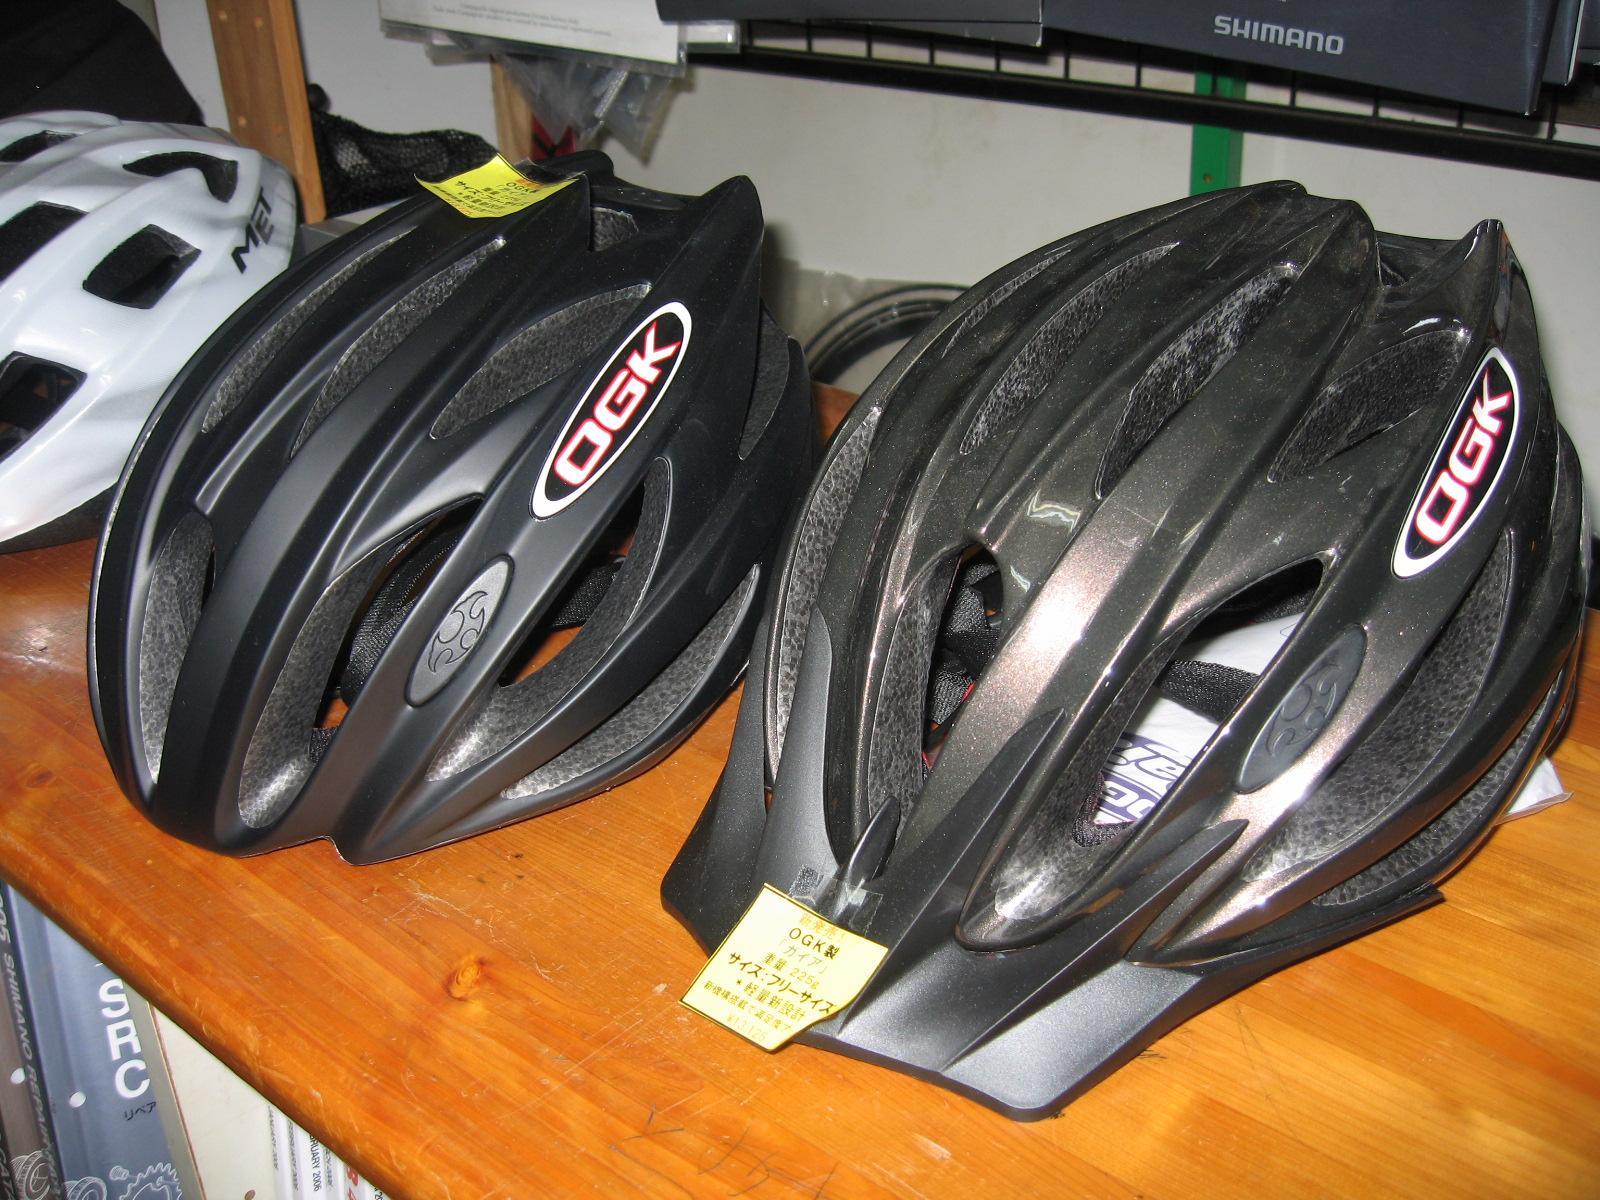 自転車用 自転車用ヘルメット ogk : の自転車用ヘルメット「OGK ...